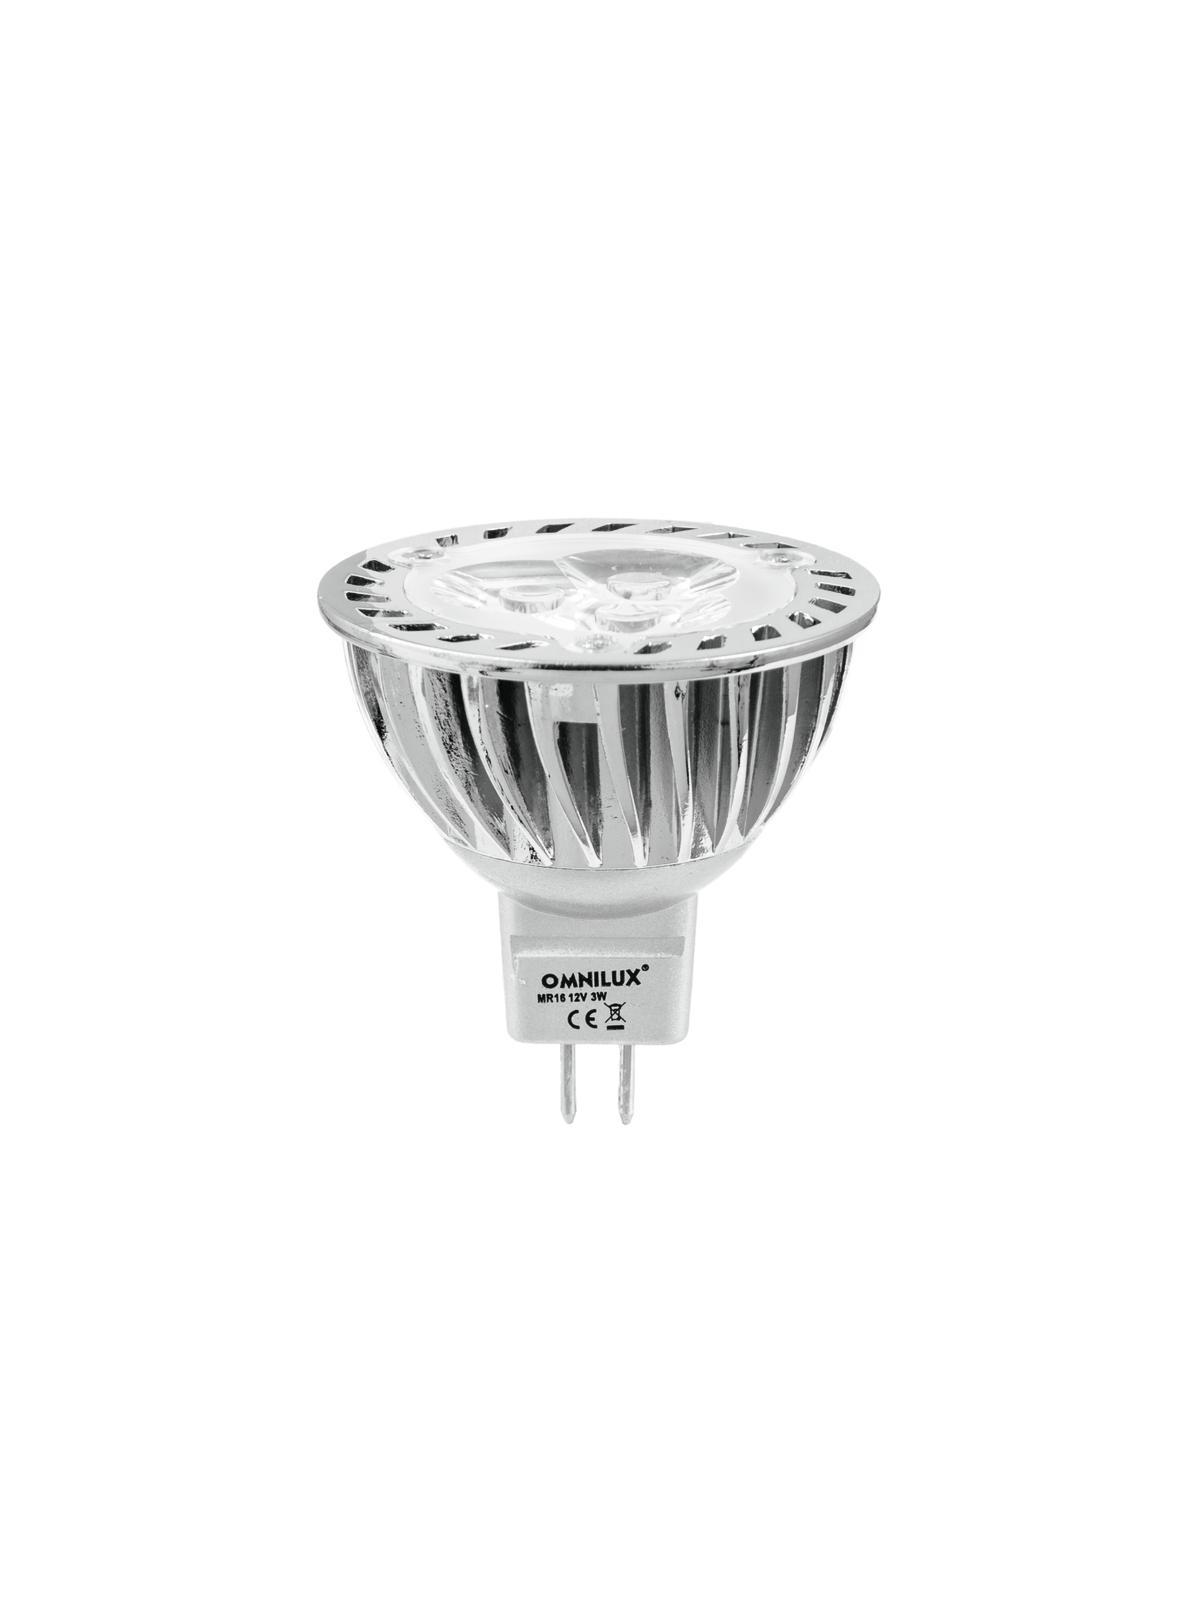 Lampada a led, luce gialla GU-5.3 12V3x1W OMNILUX